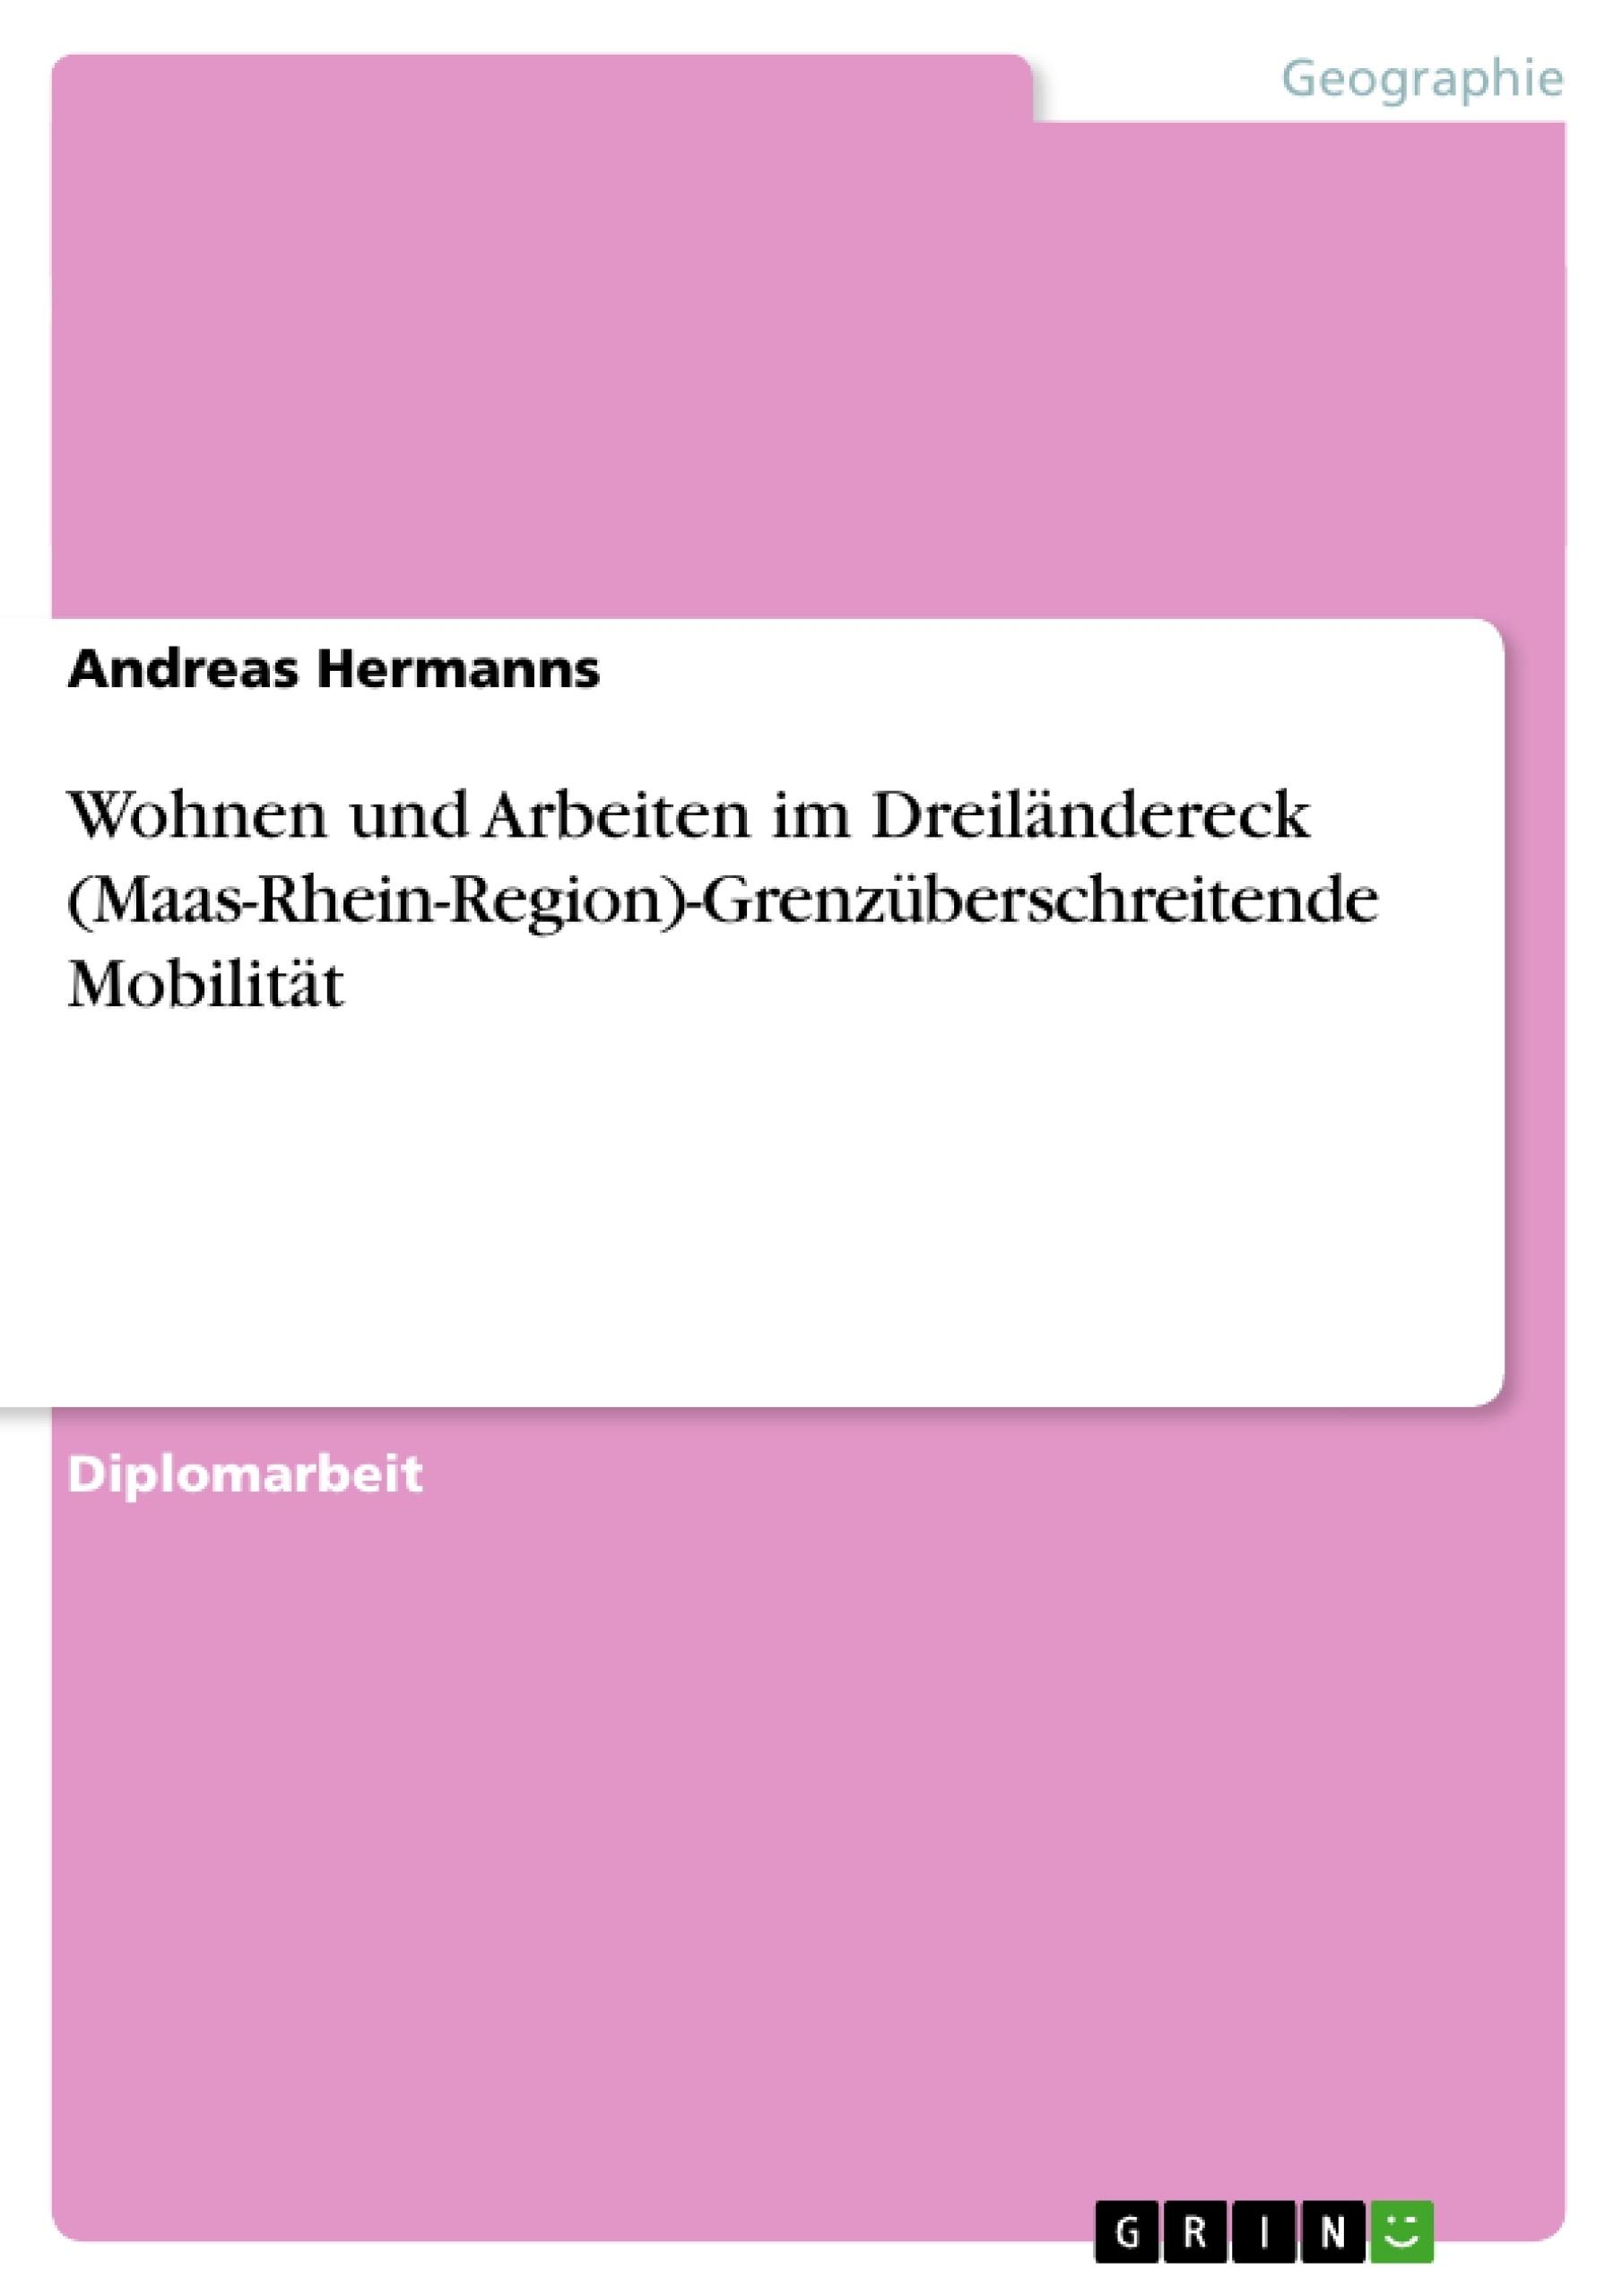 Titel: Wohnen und Arbeiten im Dreiländereck (Maas-Rhein-Region)-Grenzüberschreitende Mobilität